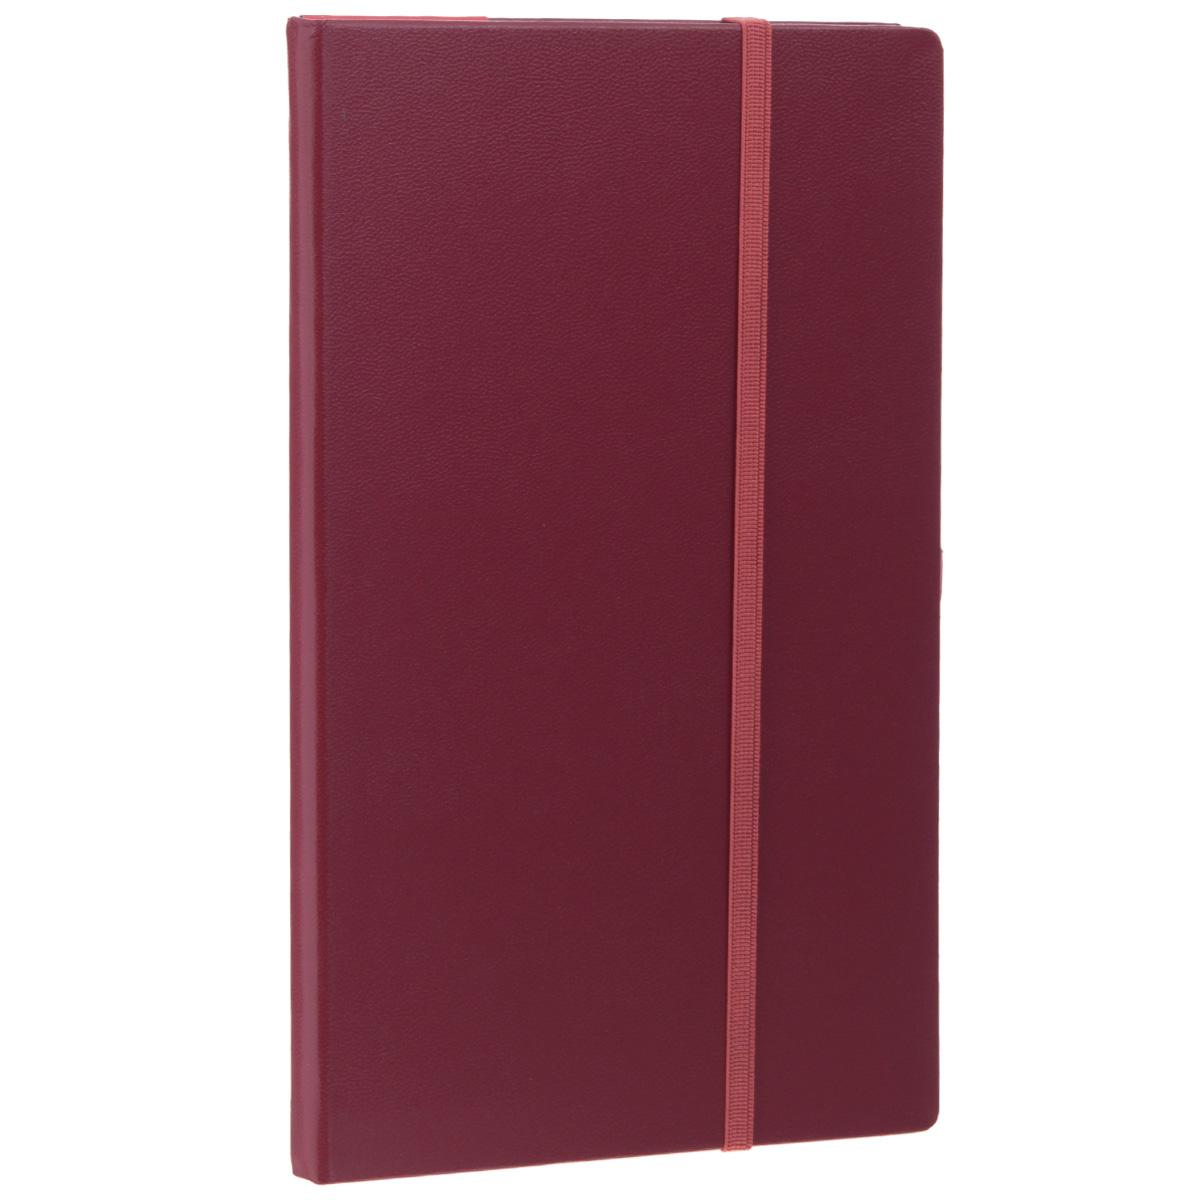 Записная книжка Erich Krause Ariane, цвет: бордовый, 96 листов72523WDЗаписная книжка Erich Krause Ariane - это дополнительный штрих к вашему имиджу. Демократичная в своем содержании, книжка может быть использована не только для личных пометок и записей, но и как недатированный ежедневник. Надежная твердая обложка из плотного картона, обтянутого искусственной кожей, сохранит ее в аккуратном состоянии на протяжении всего времени использования. Плотная в линейку бумага белого цвета, закладка-ляссе, практичные скругленные углы, эластичная петелька для ручки и внутренний бумажный карман на задней обложке - все это обеспечит вам истинное удовольствие от письма. В начале книжки имеется страничка для заполнения личных данных владельца, четыре страницы для заполнения адресов, телефонов и интернет-почты и четыре страницы для заполнения сайтов и ссылок. Благодаря небольшому формату книжку легко взять с собой. Записная книжка плотно закрывается при помощи фиксирующей резинки.